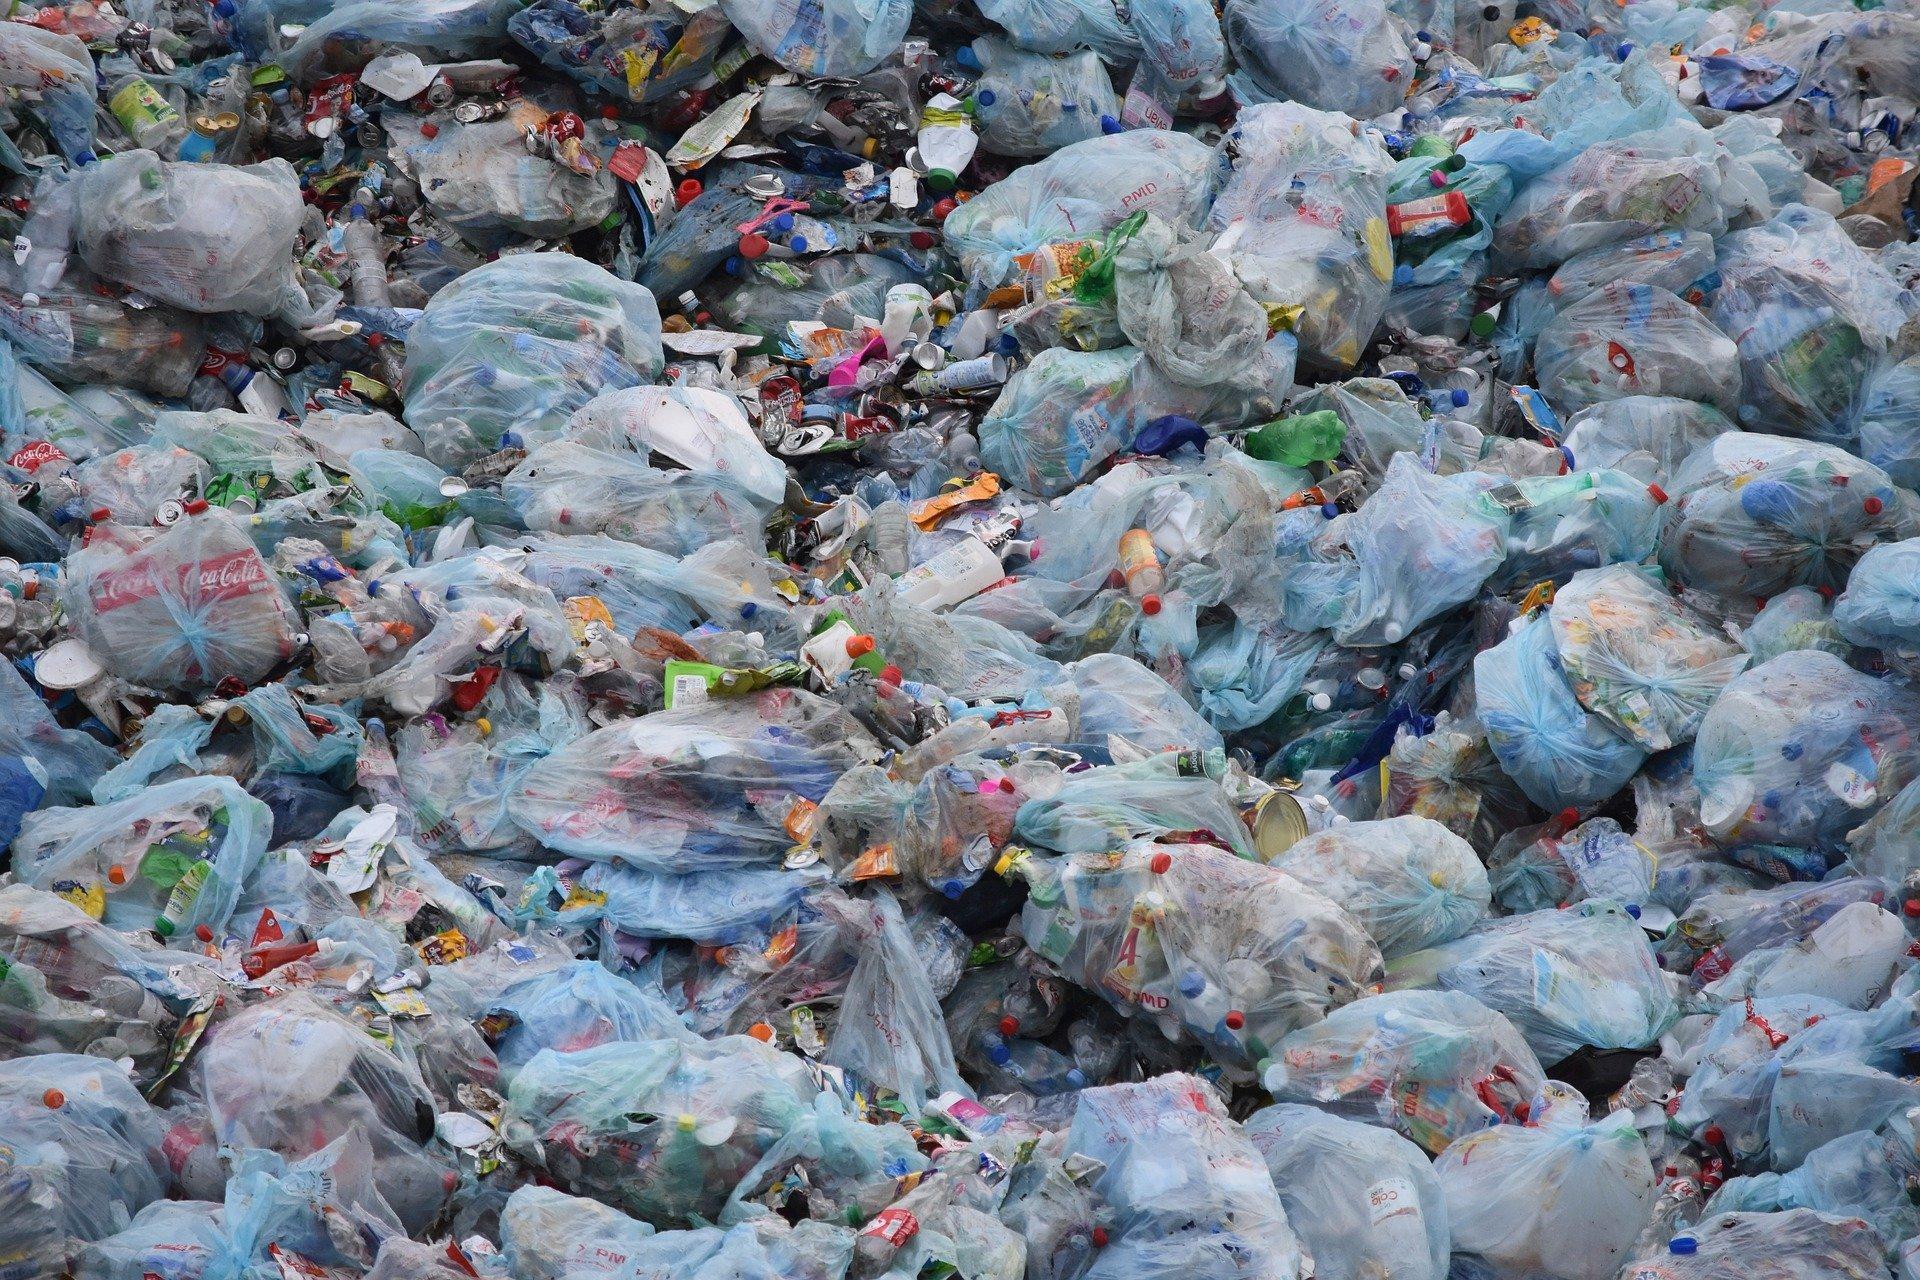 Noworodek znaleziony na wysypisku śmieci